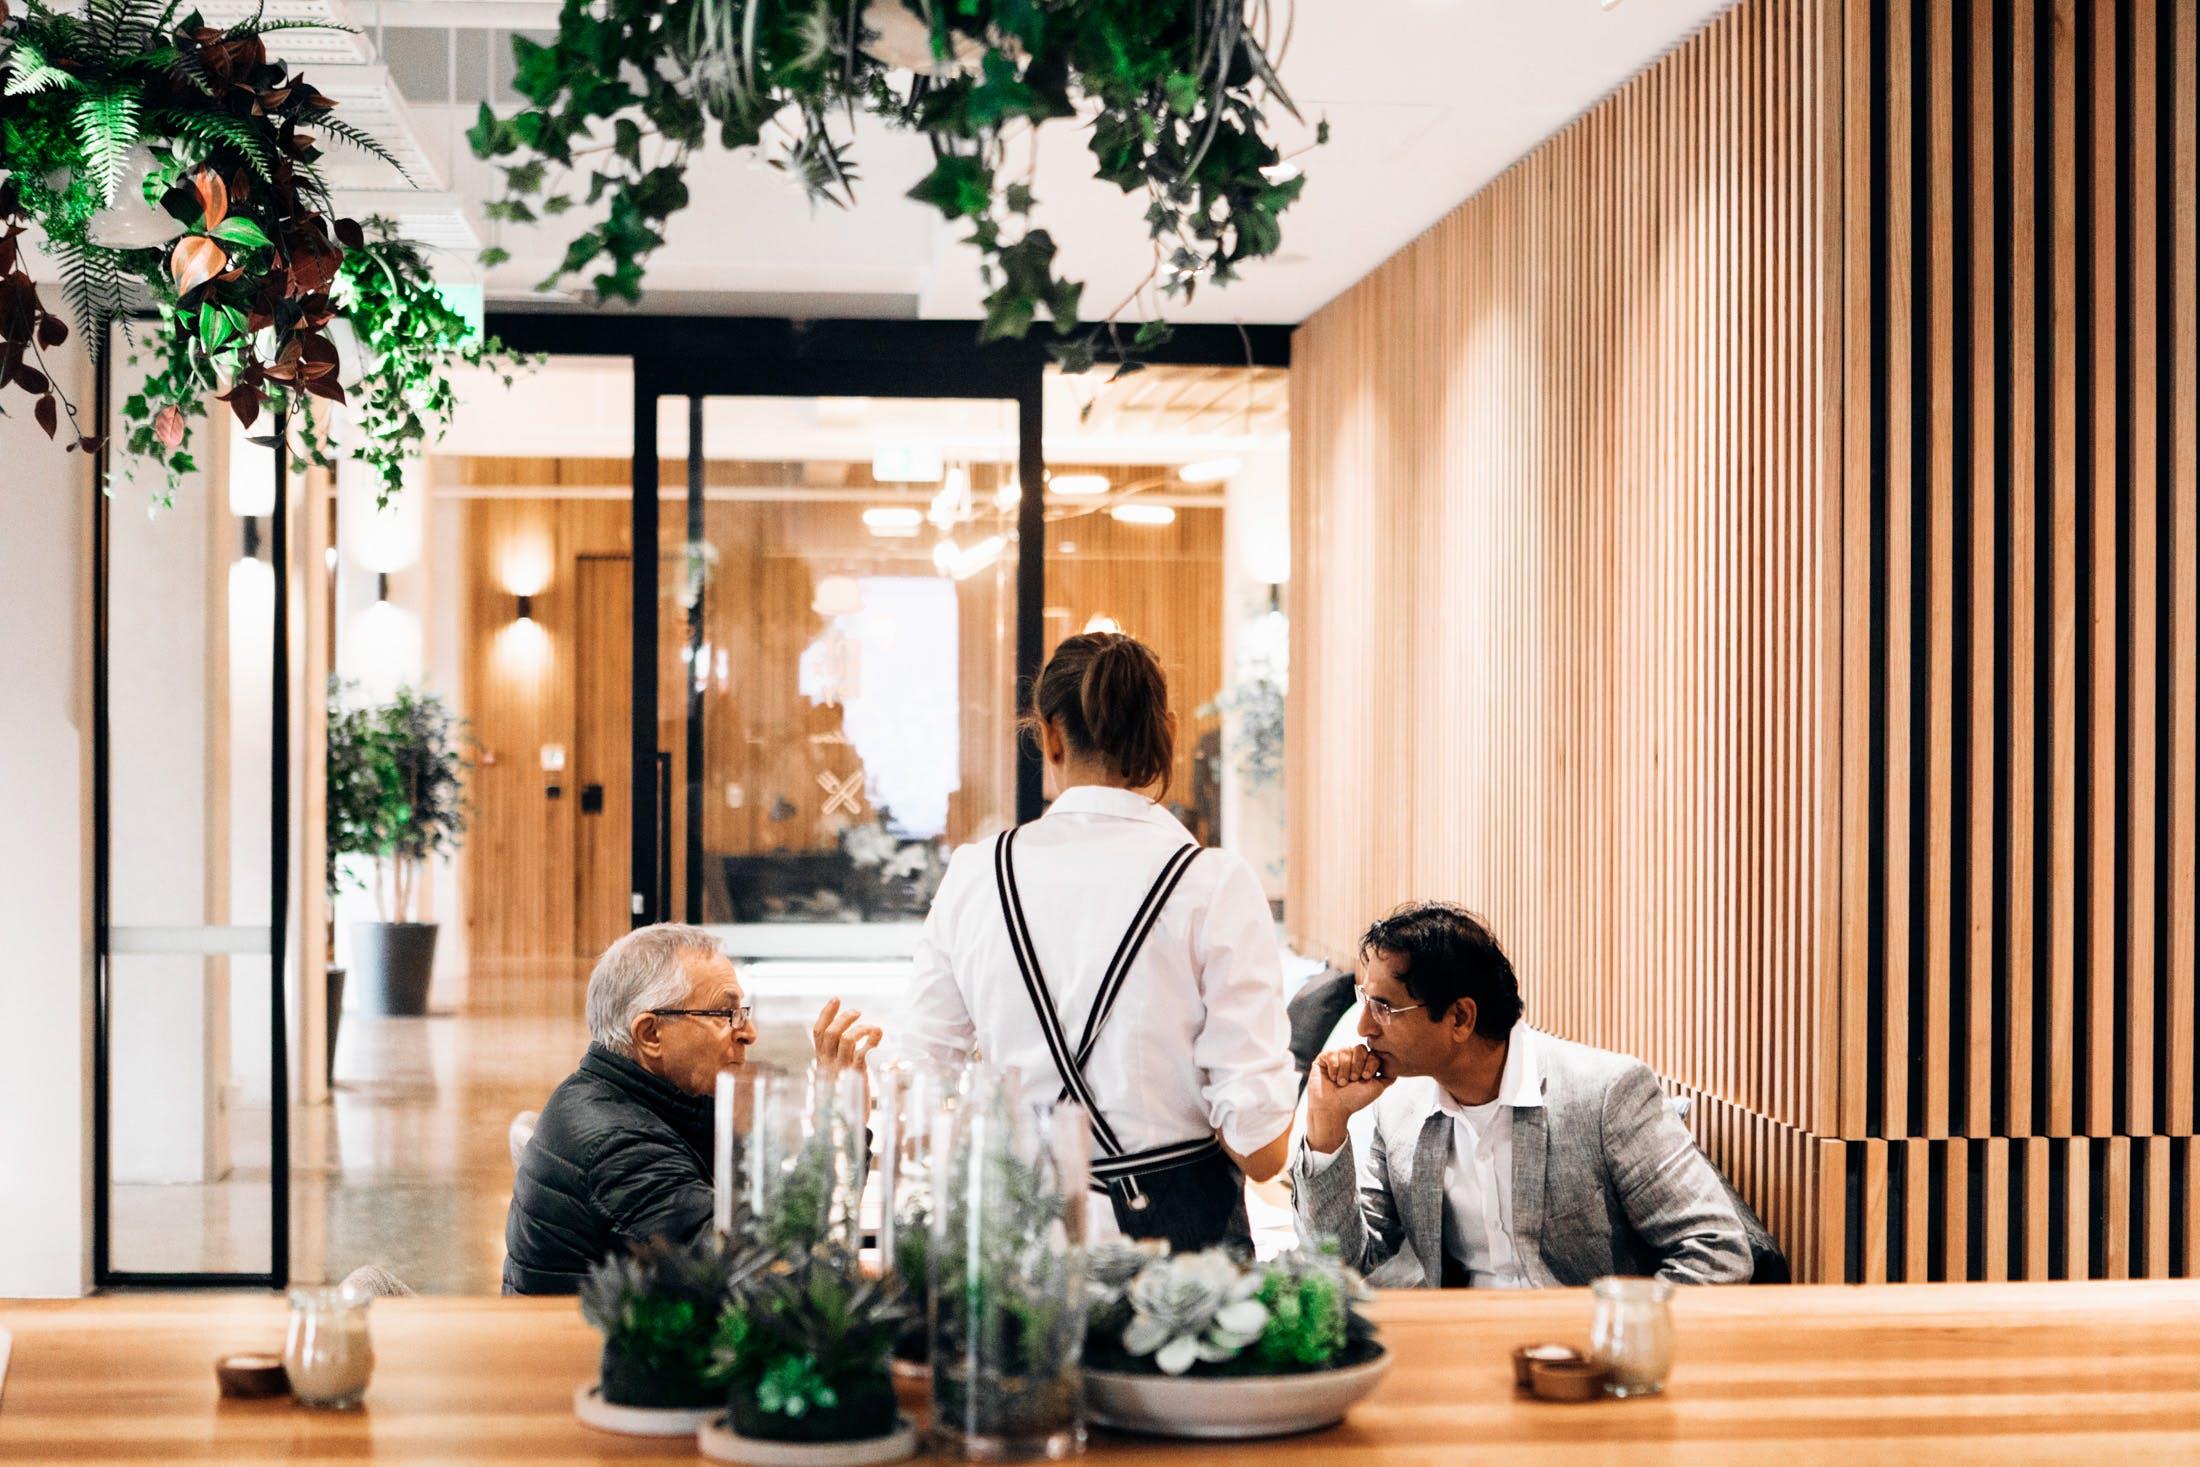 Hot Desking Plan, hot desk at United Co., image 10